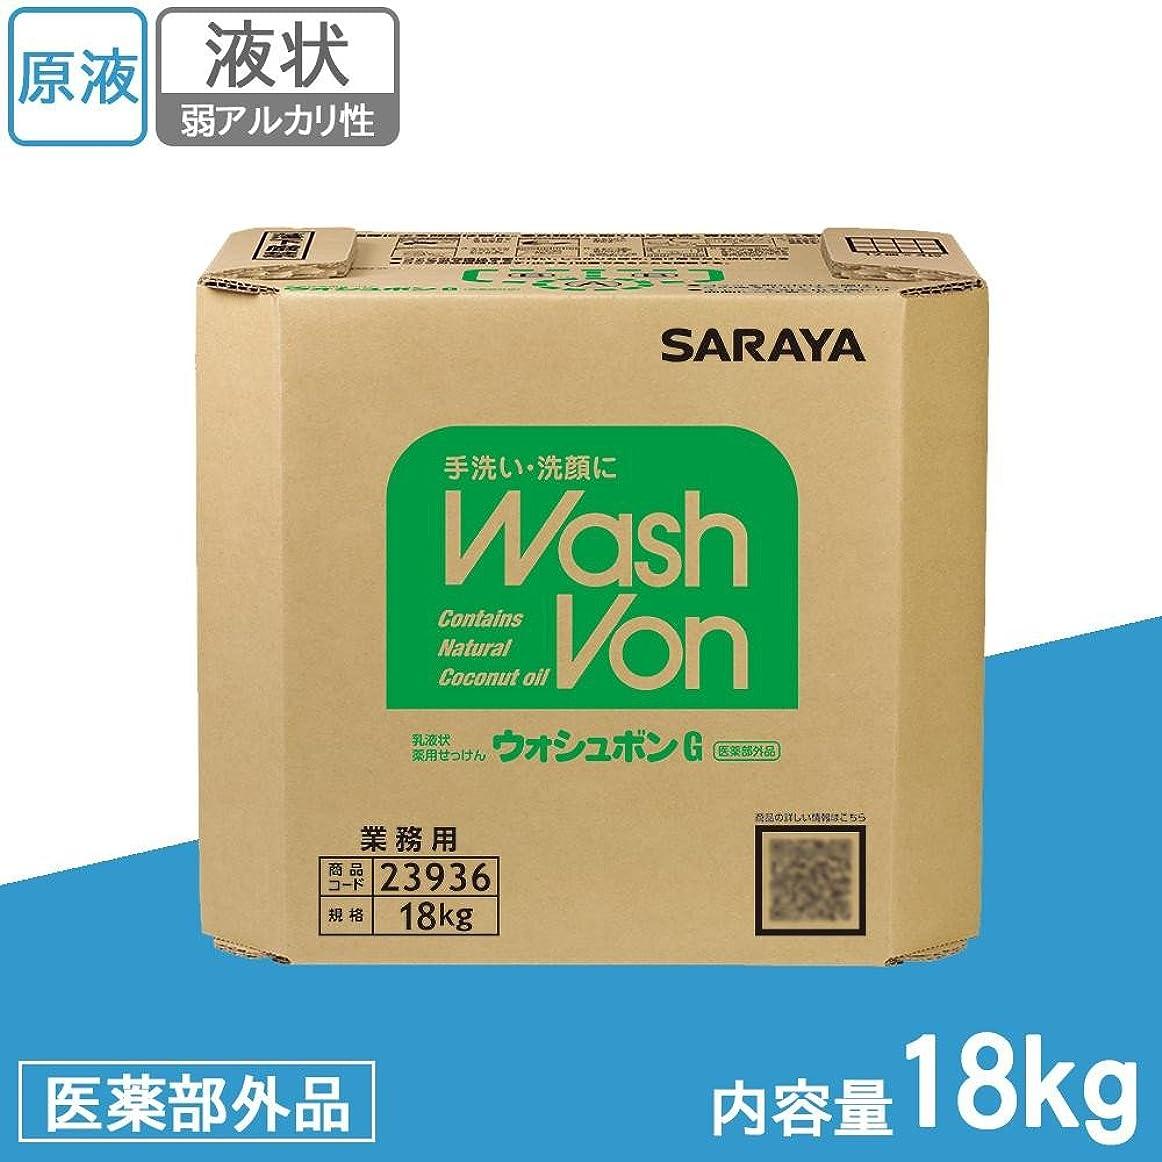 ガイドエゴイズム記念碑的なサラヤ 業務用 乳液状薬用せっけん ウォシュボンG 18kg BIB 23936 (医薬部外品)